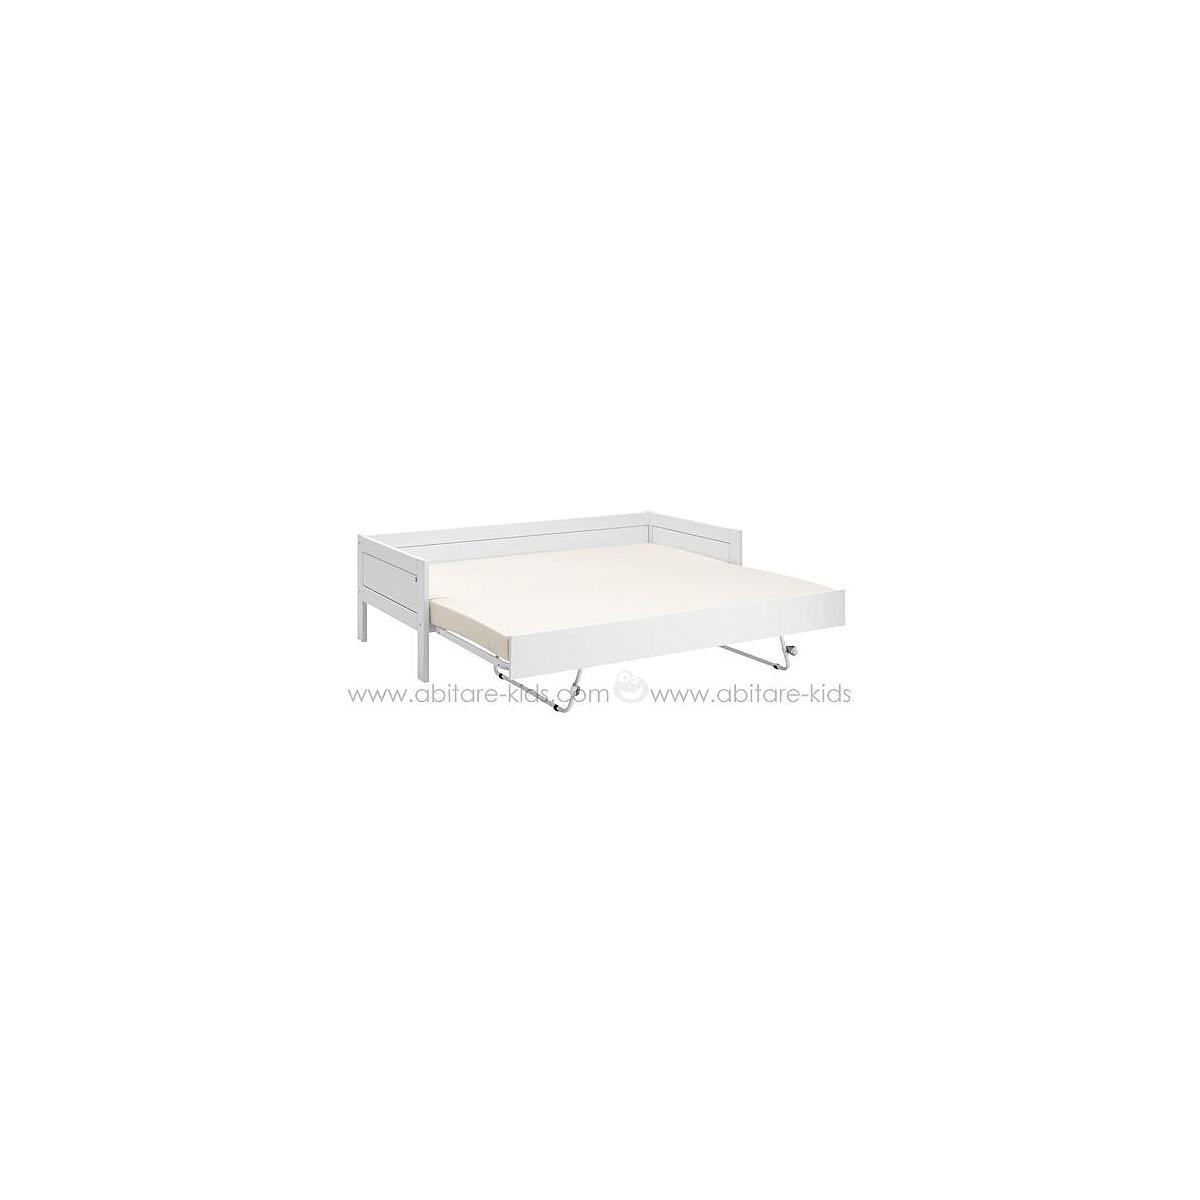 Cama nido-con láminas 90x200cm Lifetime blanco